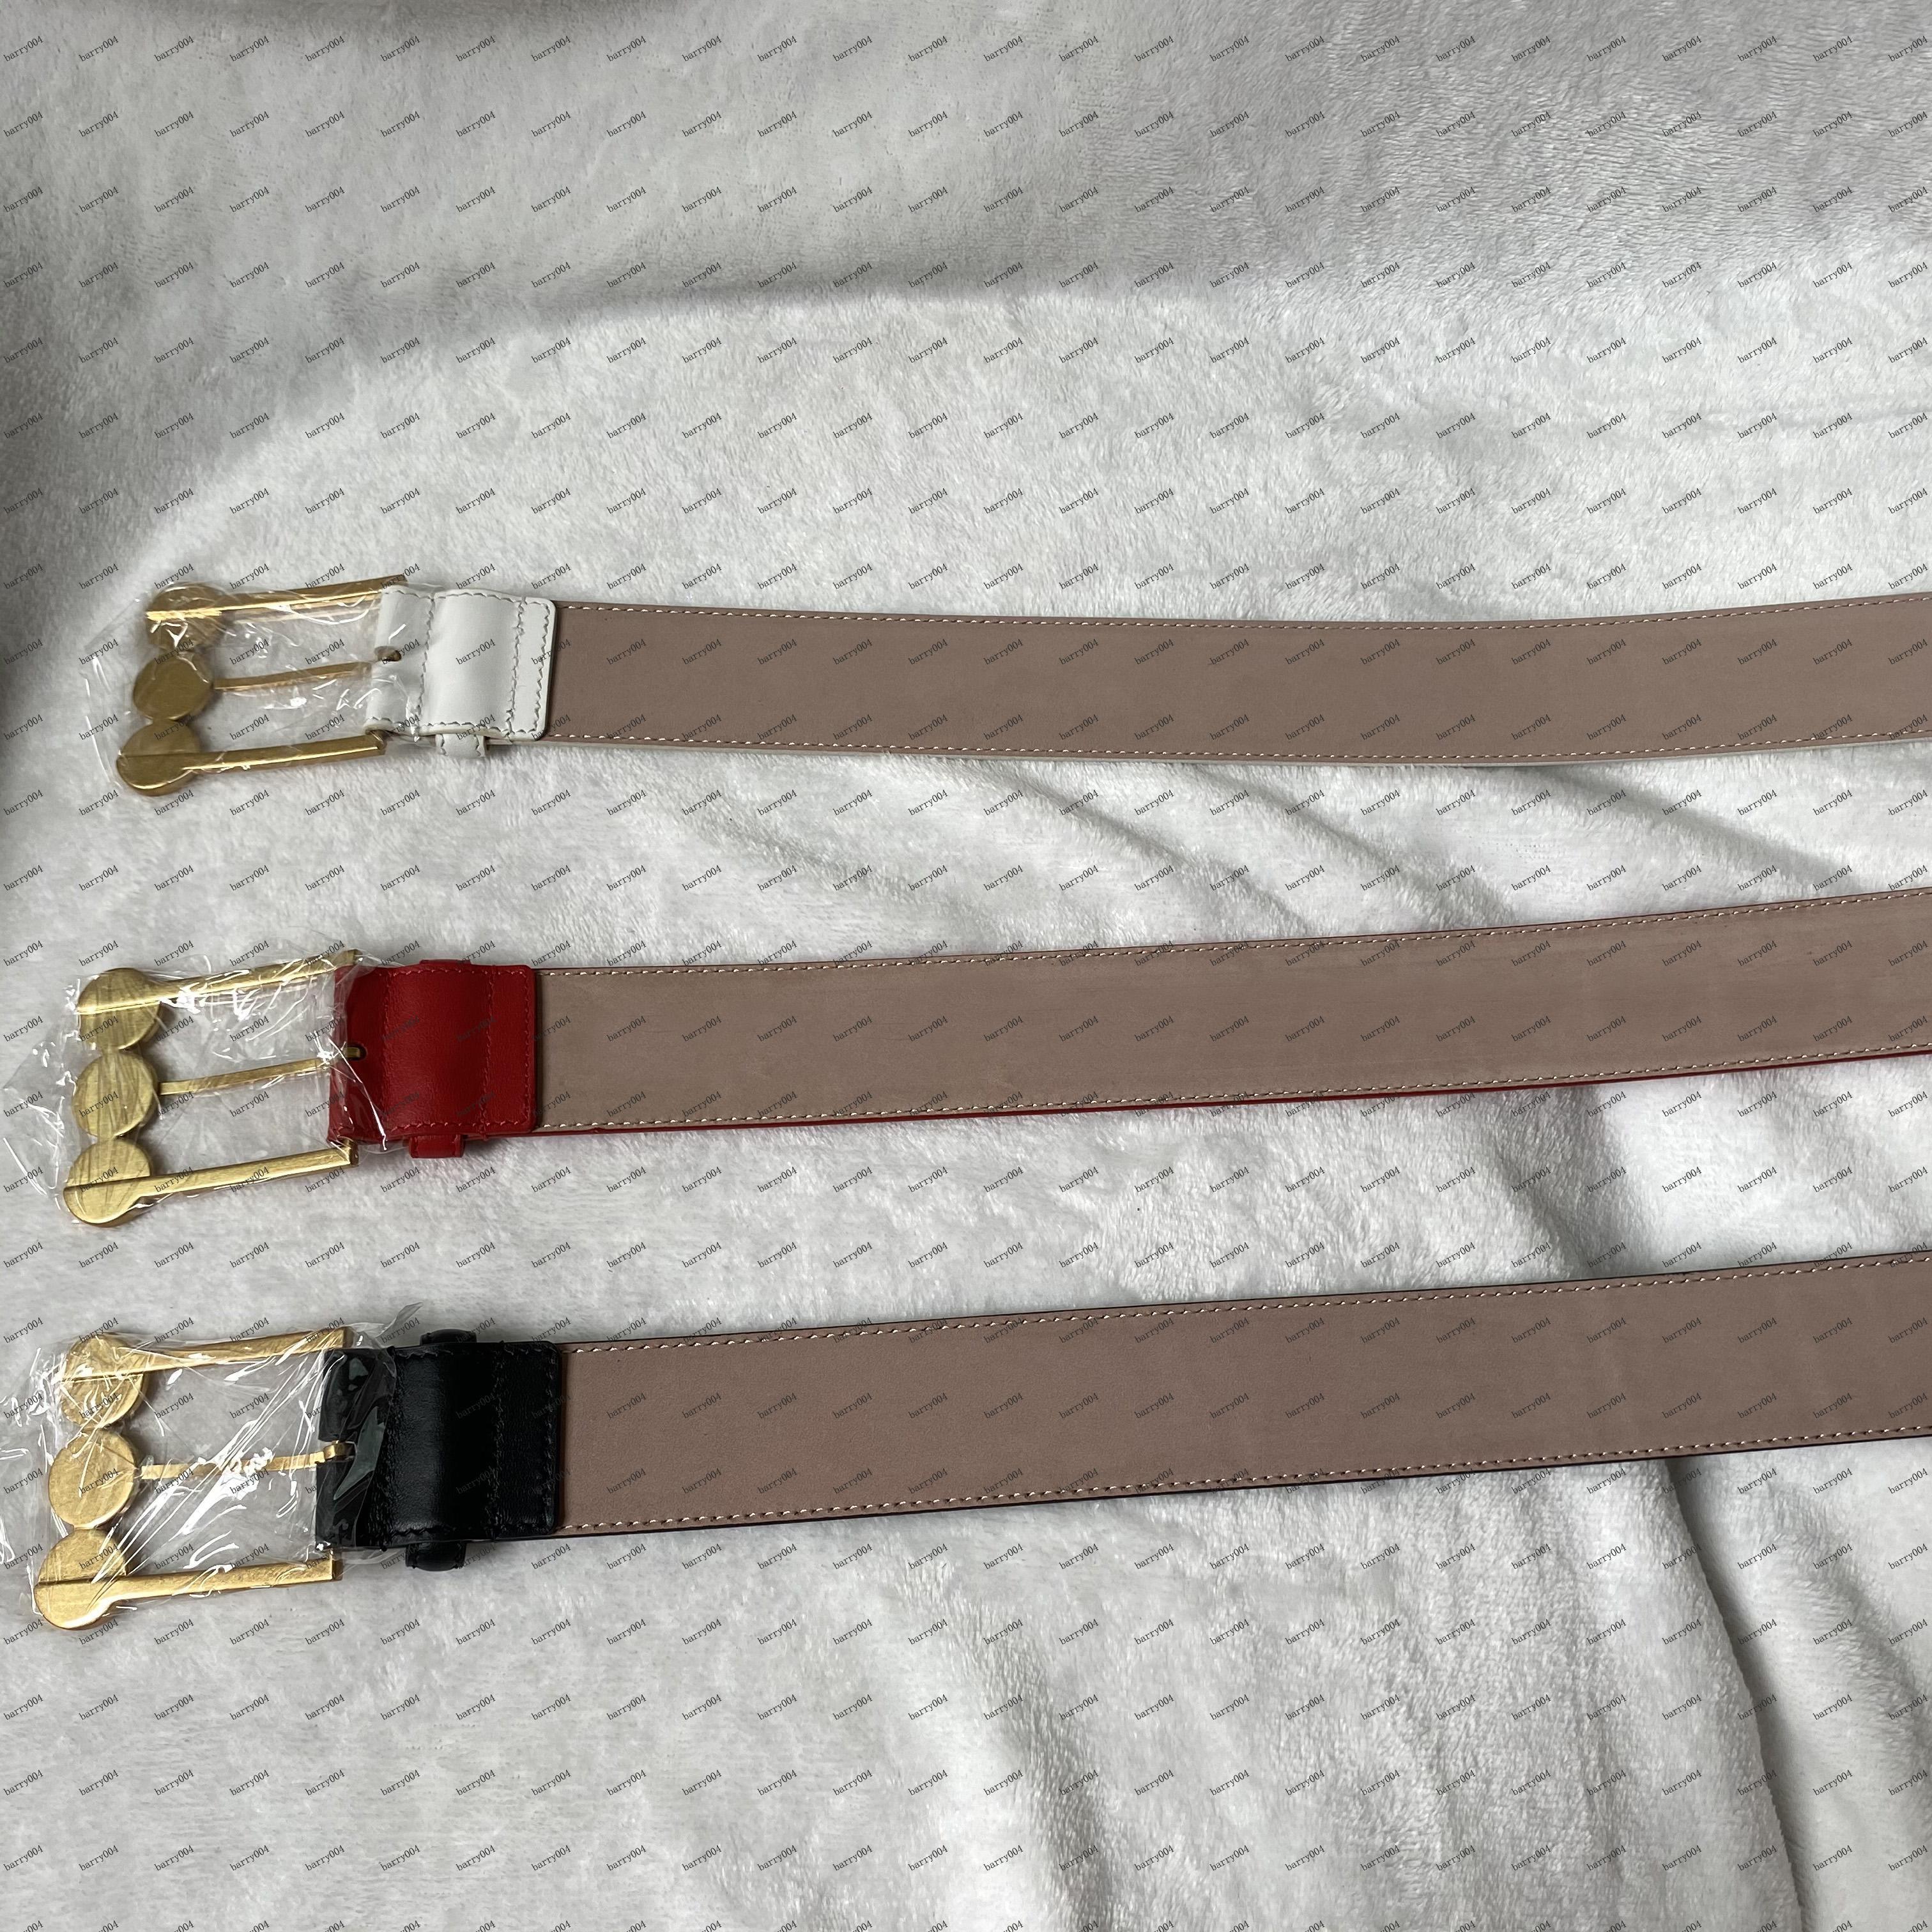 أزياء حزام عارضة 3 ألوان في أنماط مختلفة، مصنوعة من البقر الطبيق العلوي، حزام جلد، عرض 4CM